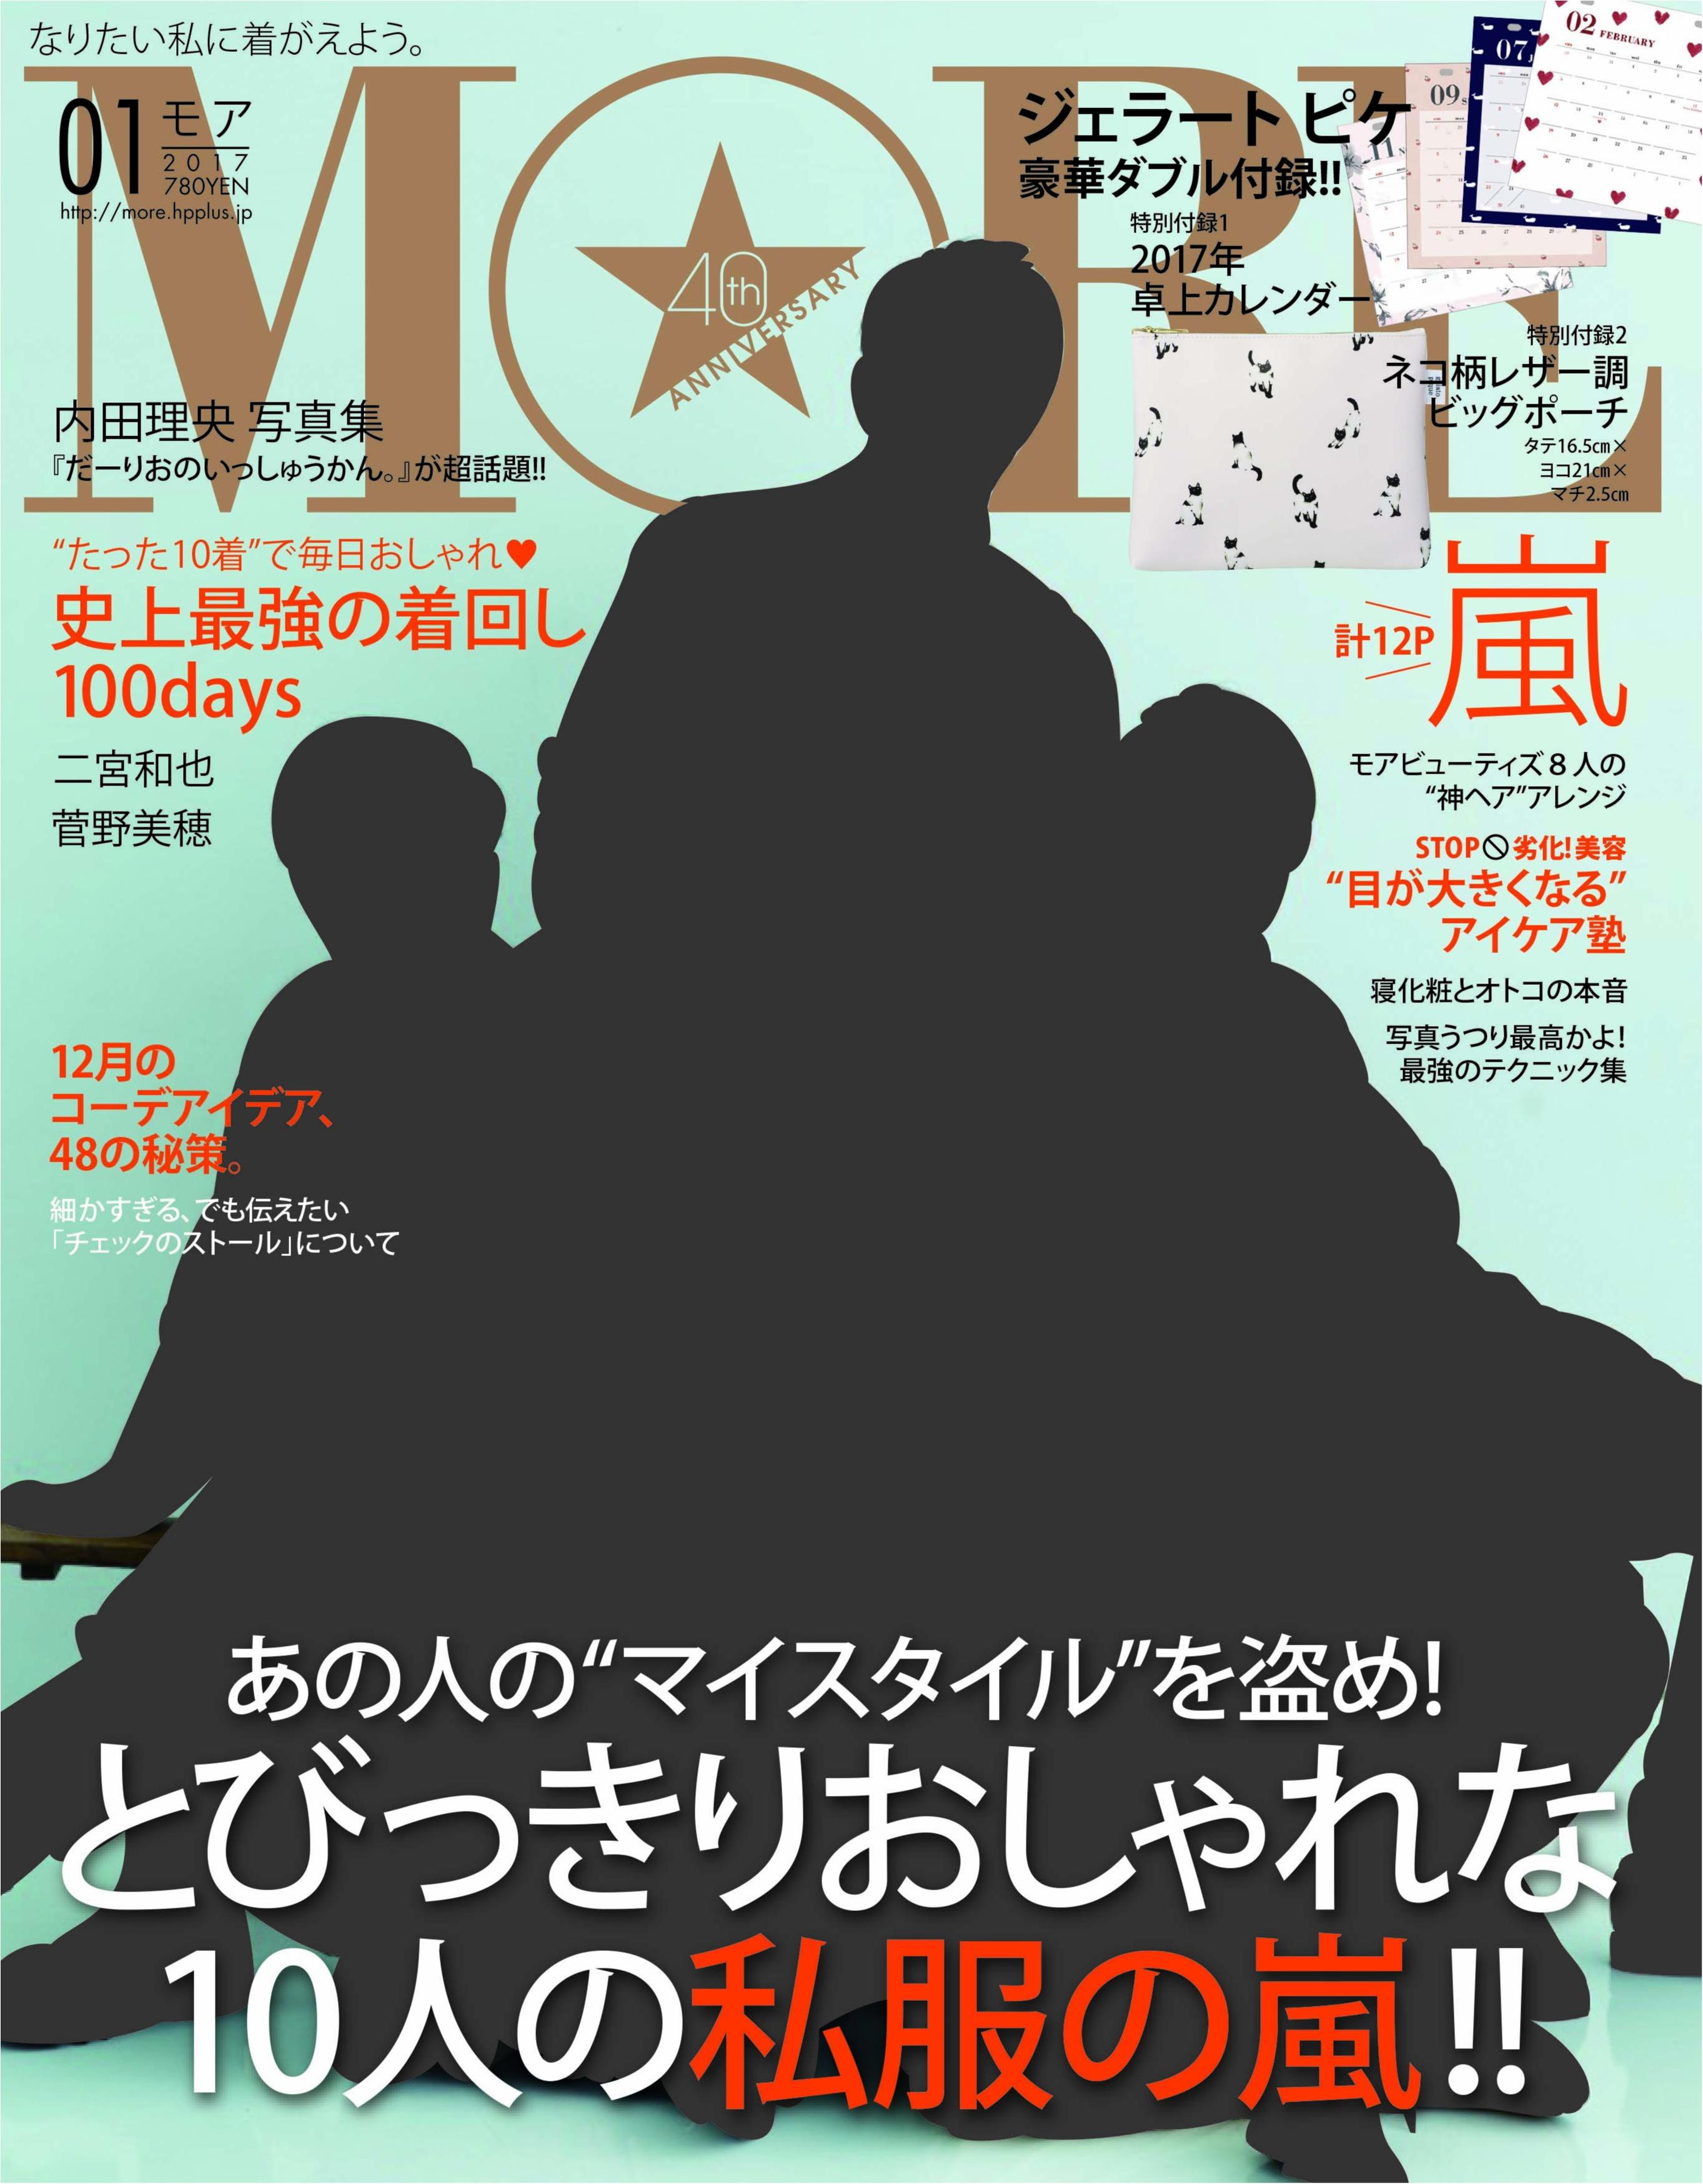 嵐の5人が表紙!豪華ジェラピケW付録にも注目☆ MORE1月号は11/28発売!_1